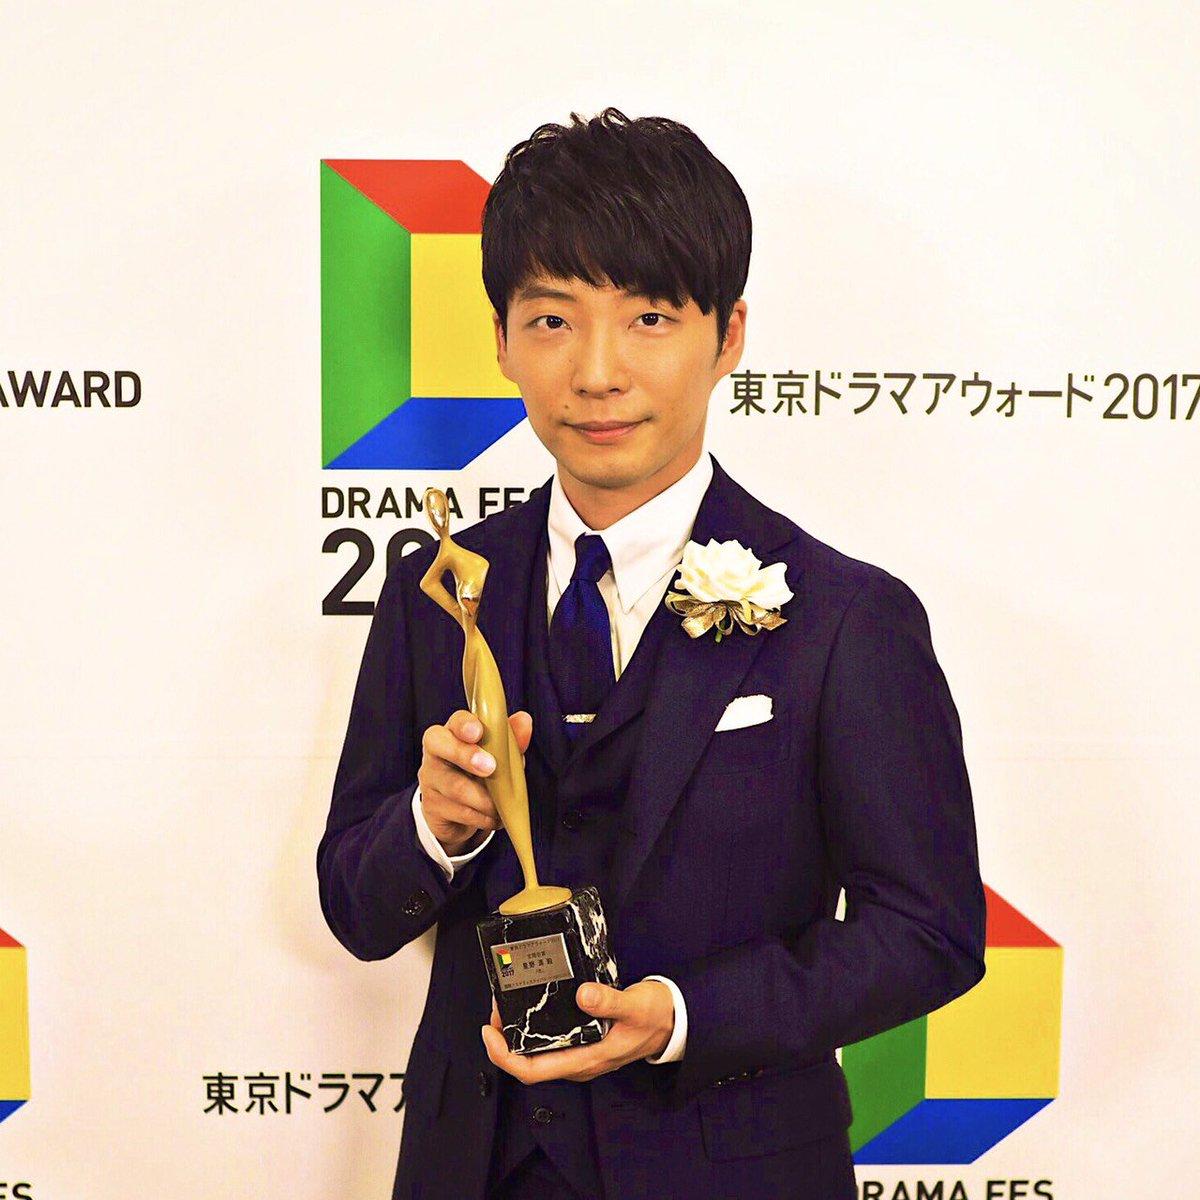 本日授賞式が行われた東京ドラマアウォード2017にて、星野源が「恋」で主題歌賞を受賞しました!また、昨年出演したドラマ「逃げるは恥だが役に立つ」が作品賞としてグランプリを獲得!五冠の快挙です! #星野源の恋 #逃げ恥